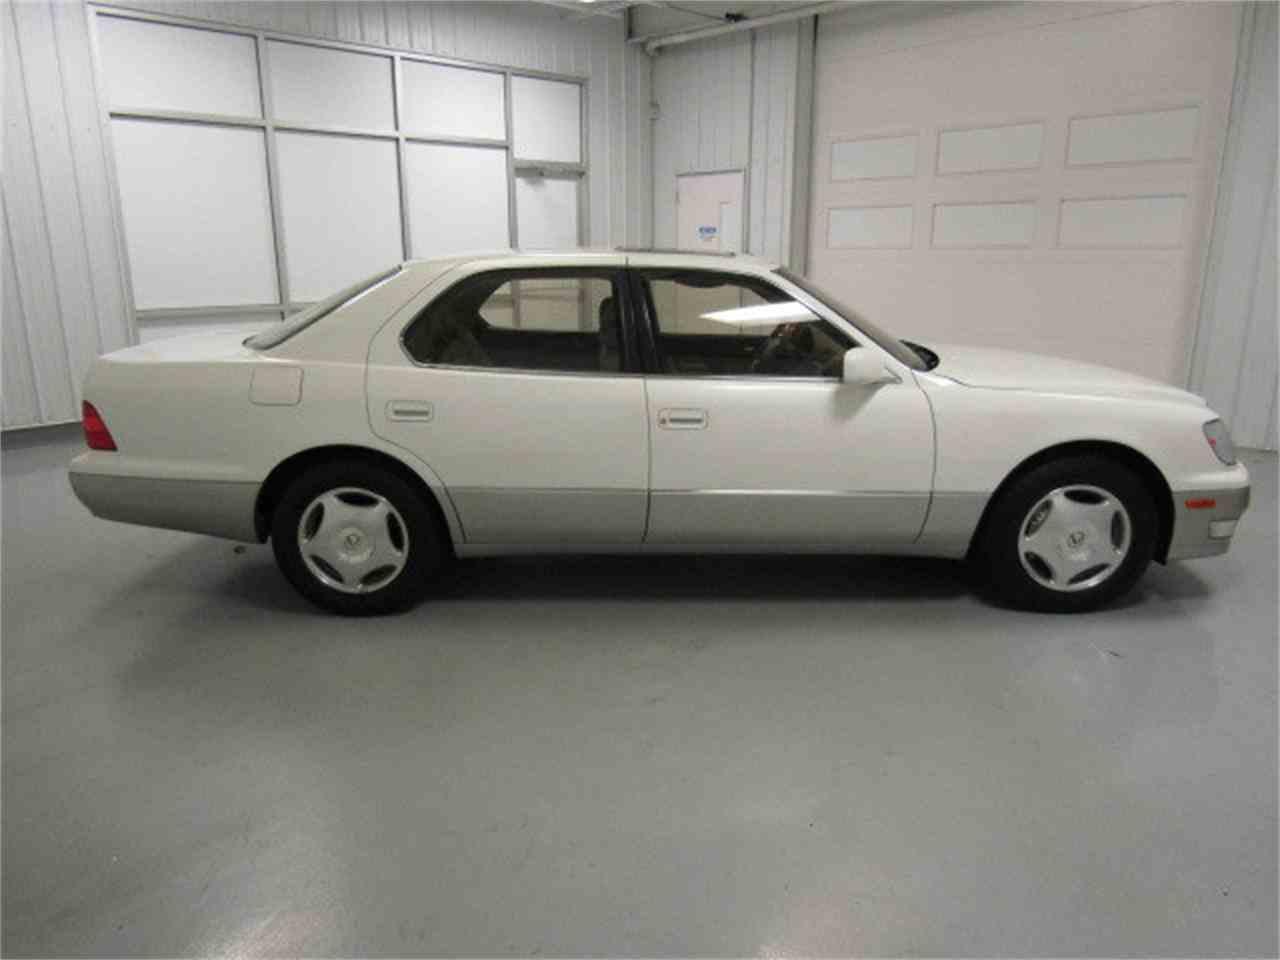 Large Picture of '99 Lexus LS400 located in Virginia - $8,994.00 - JM33